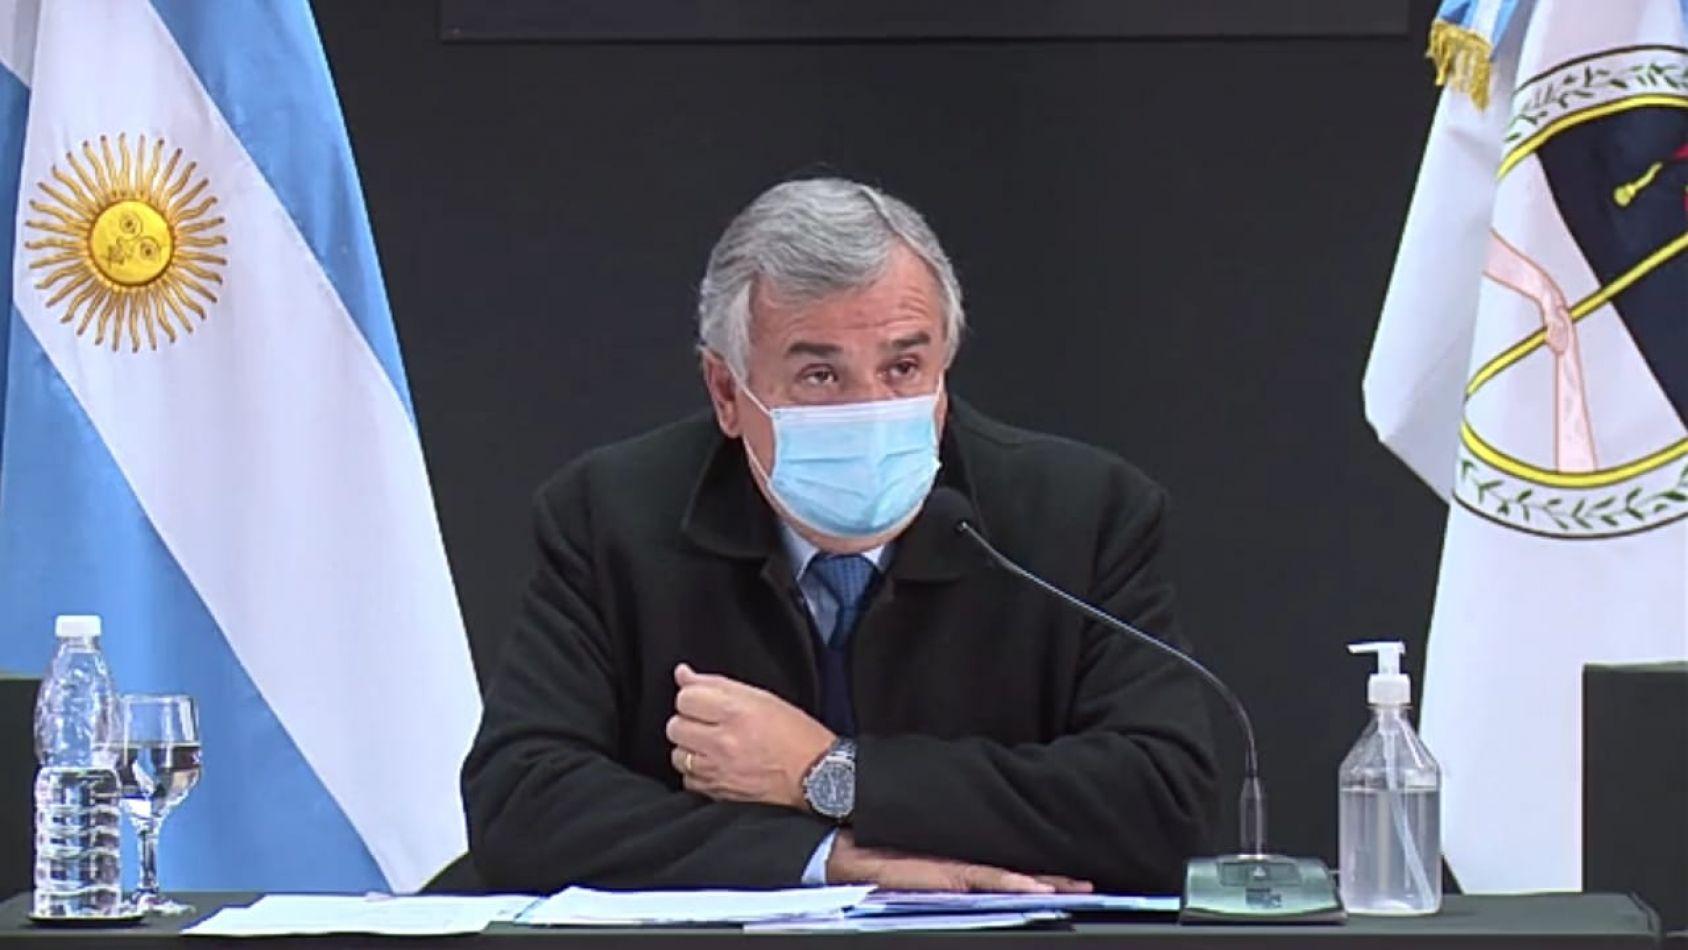 El gobernador adelantó que recién el domingo van a saber cuál es la situación de Jujuy respecto al Covid